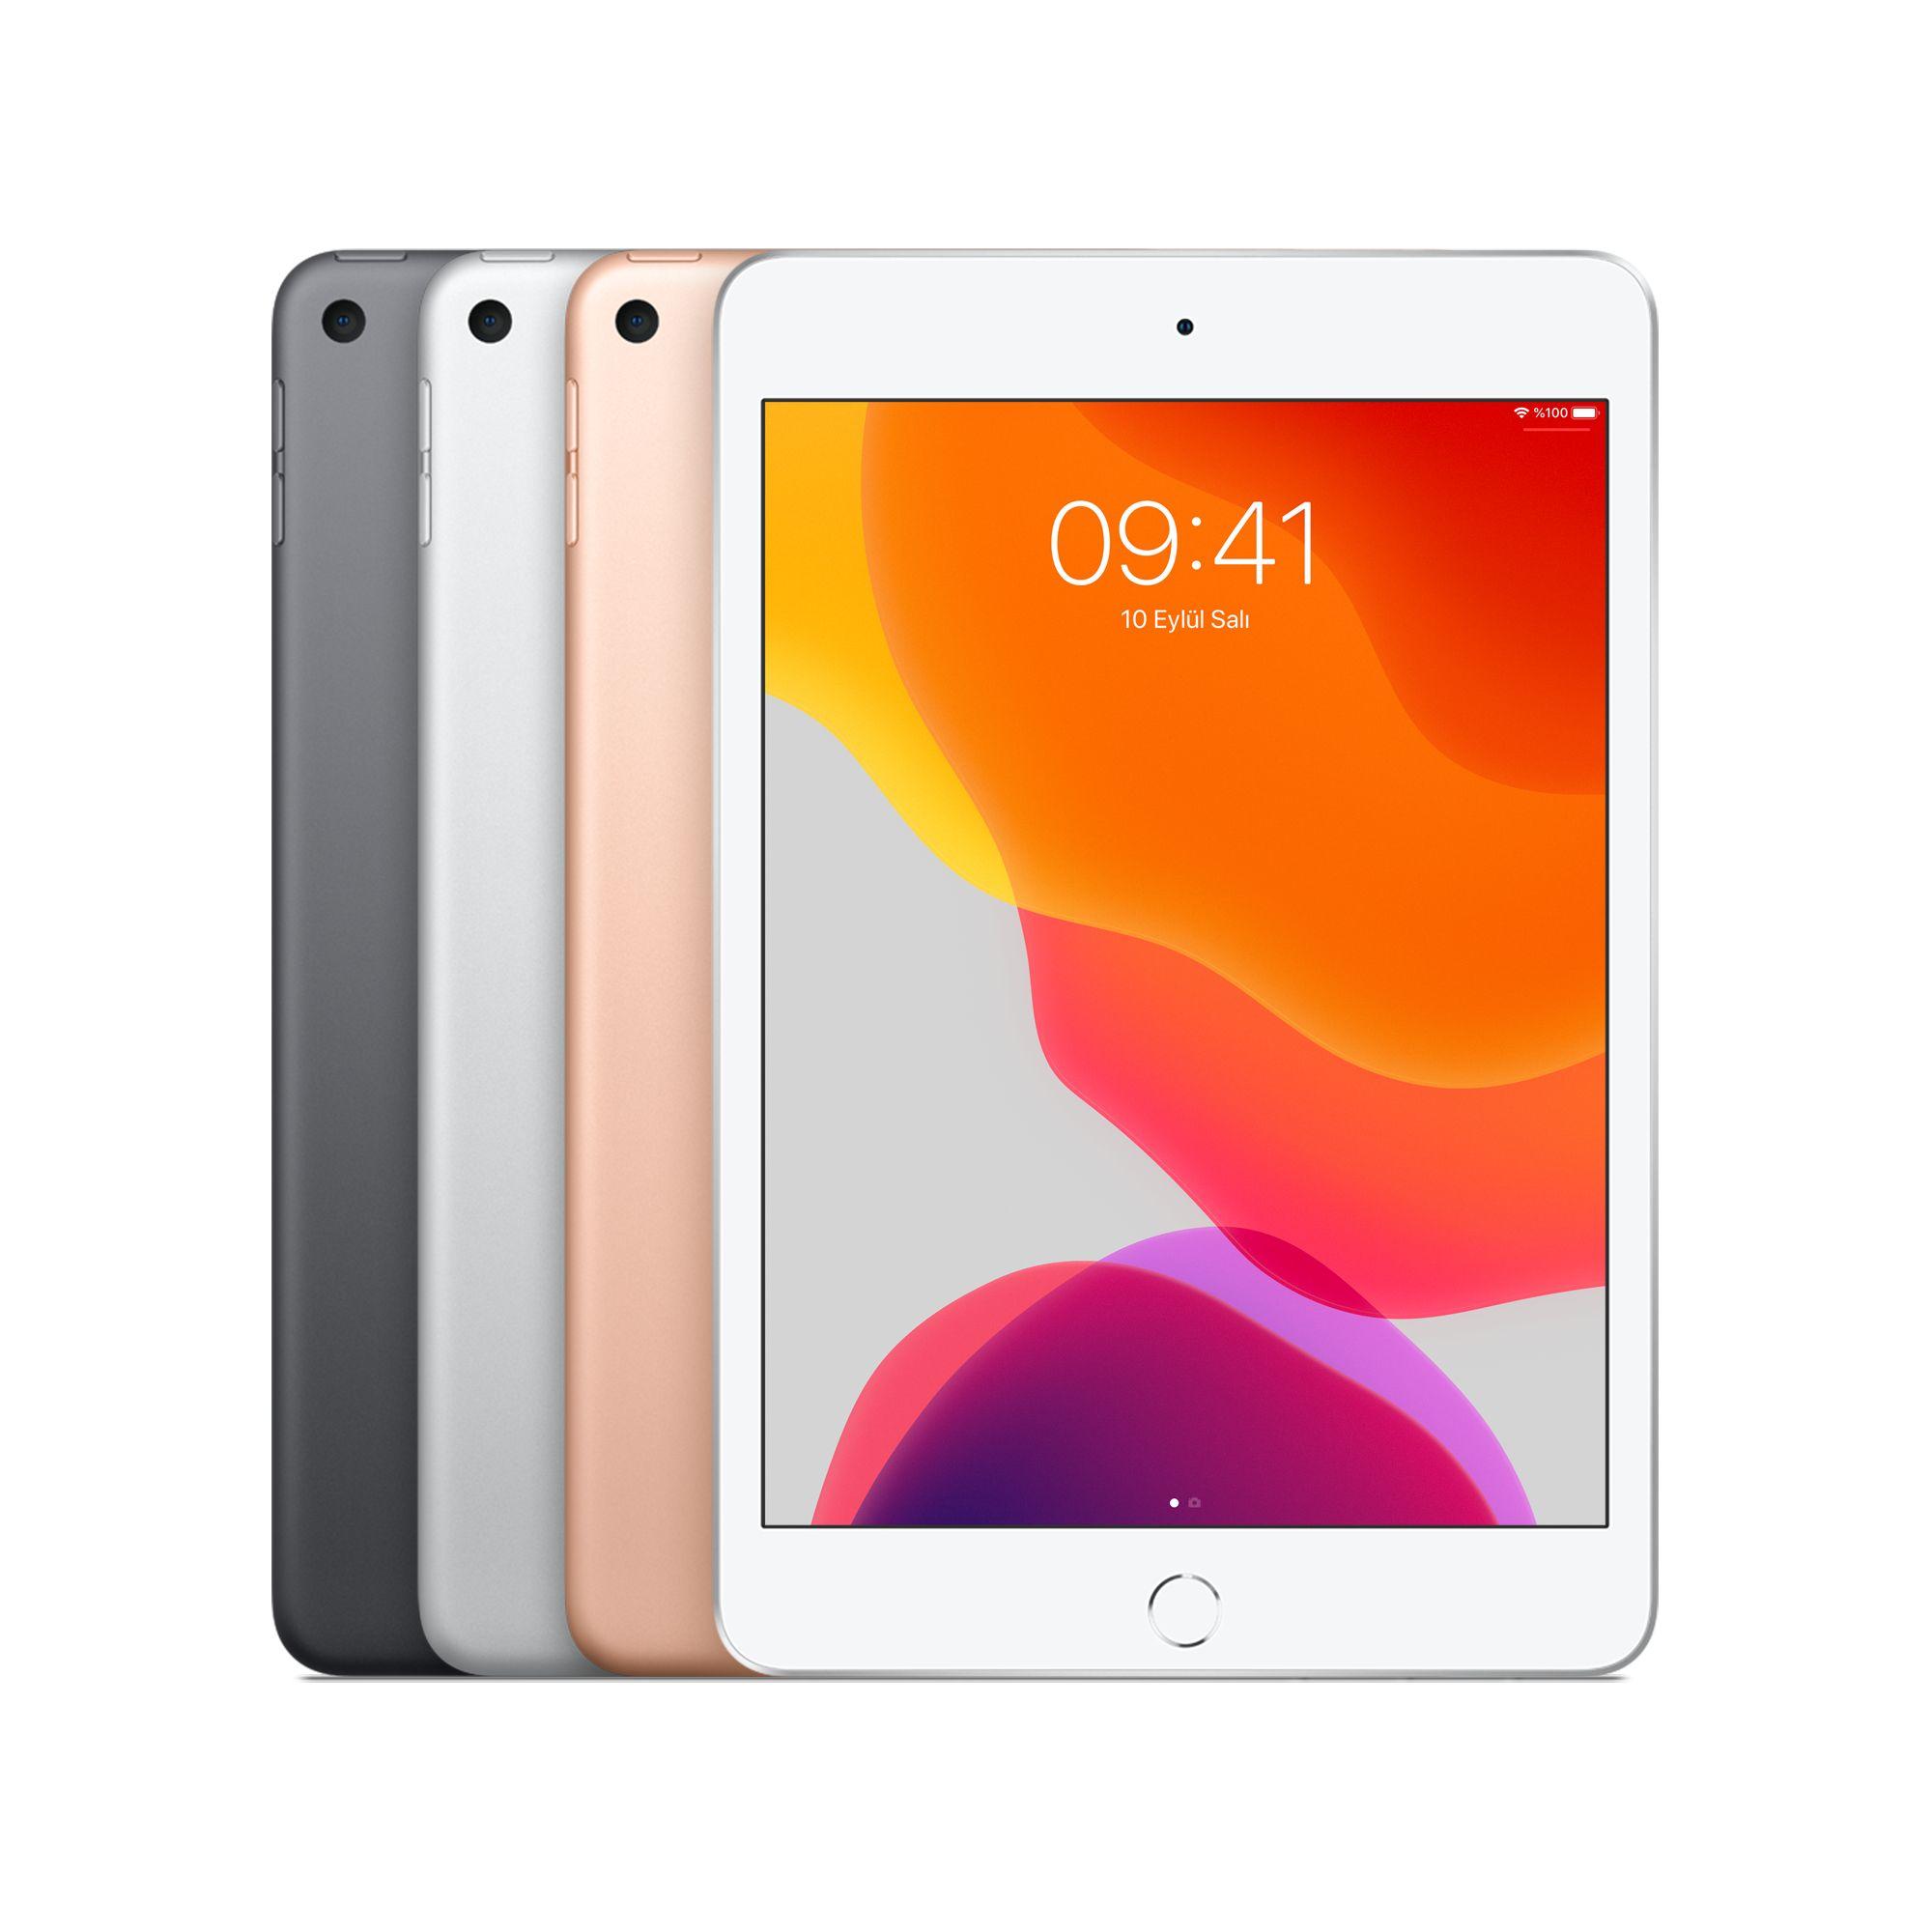 iPad mini Satın Alın - Apple (TR)